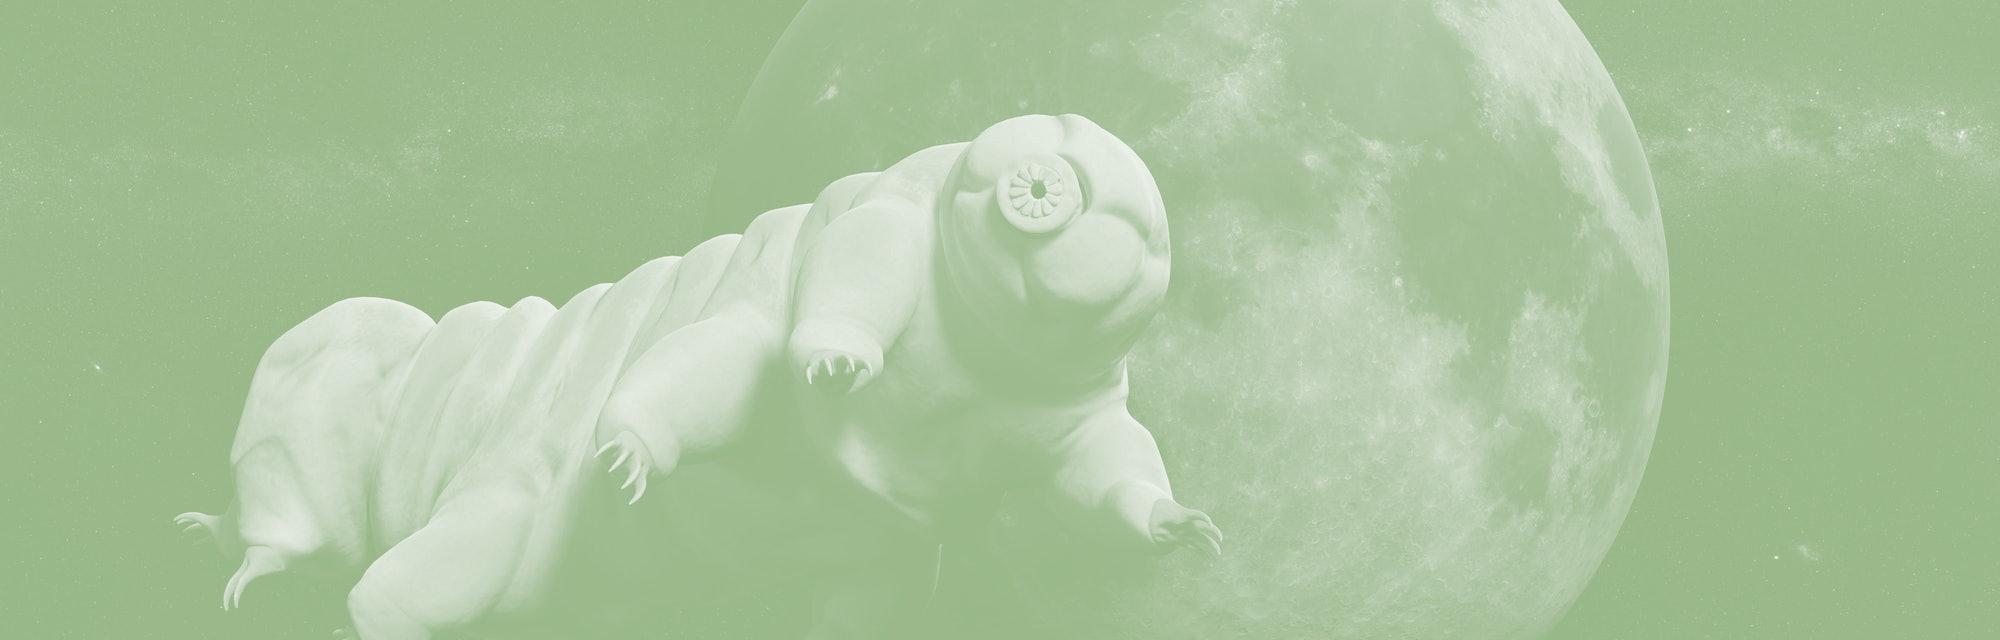 tardigrade, water bear visiting the Moon (3d illustration)